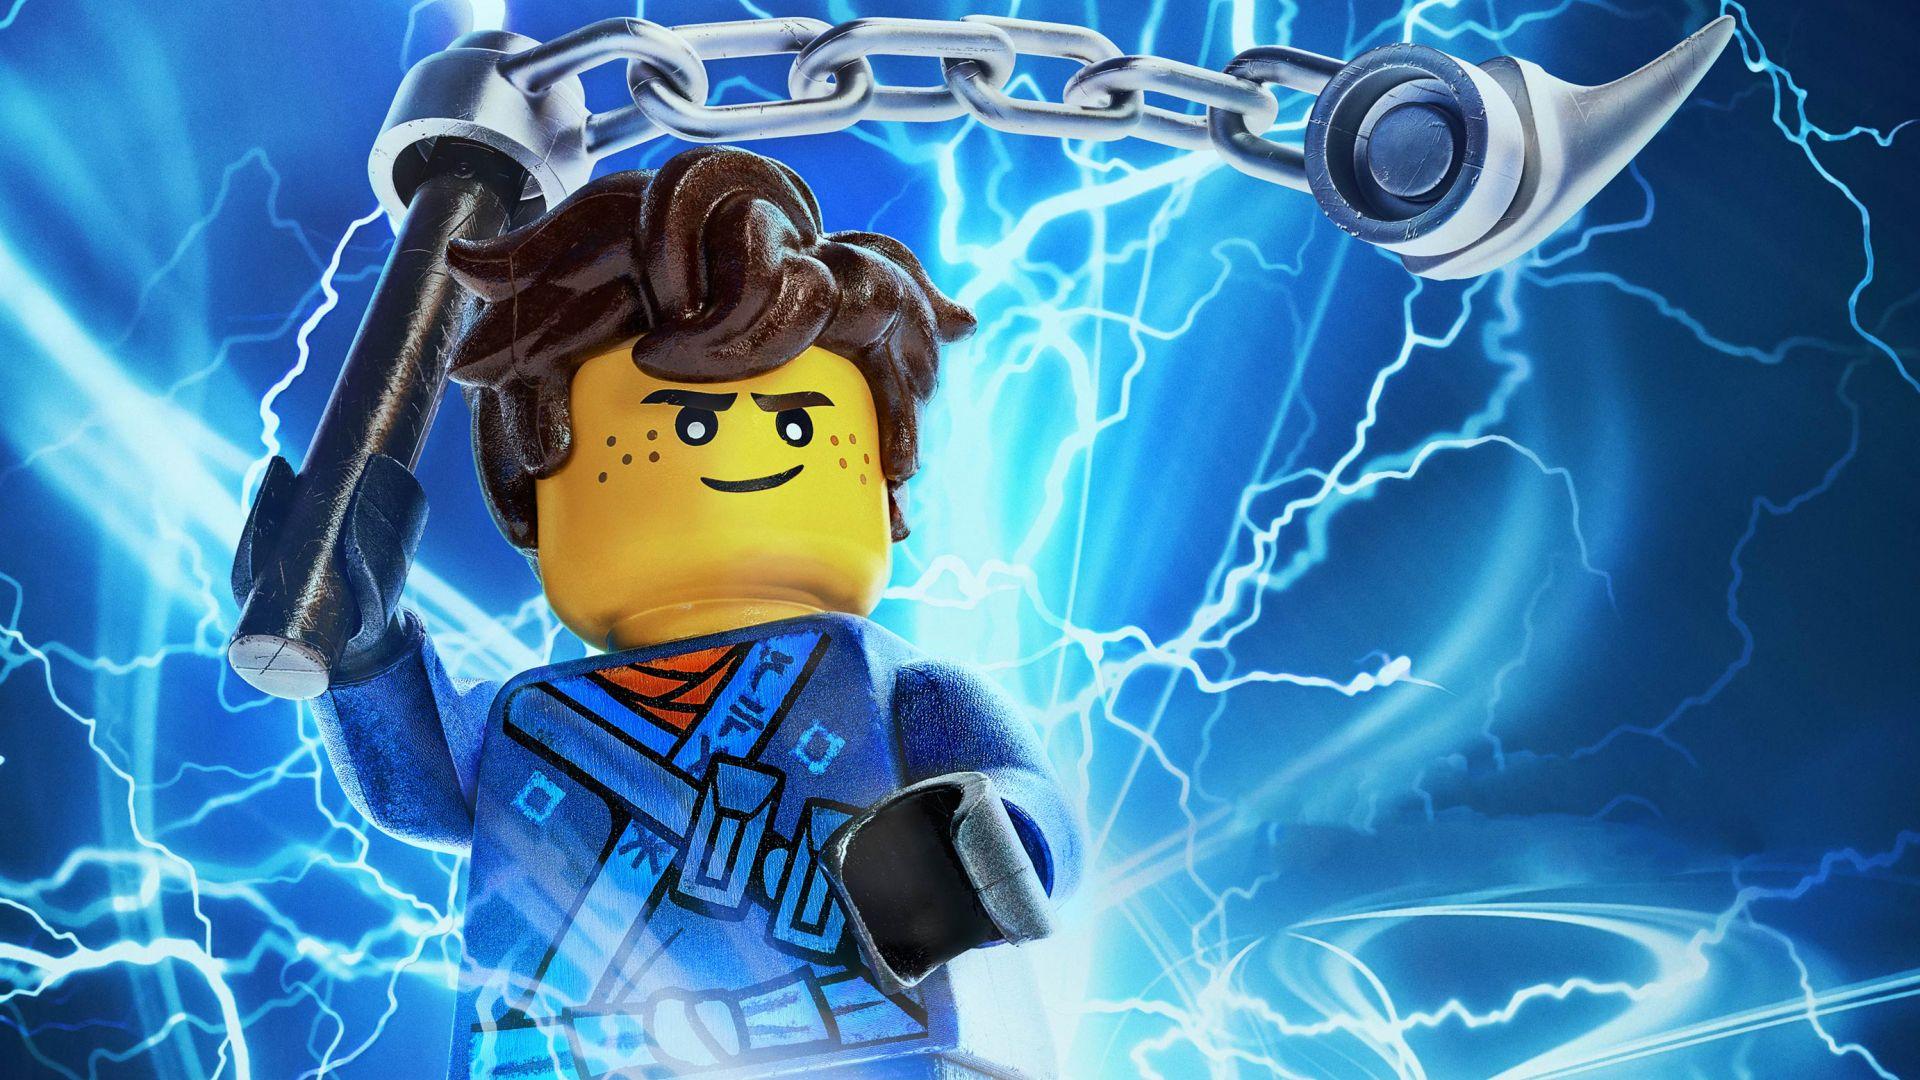 Wallpaper Jay Be, The Lego Ninjago Movie, animation movie, Ninja, warrior